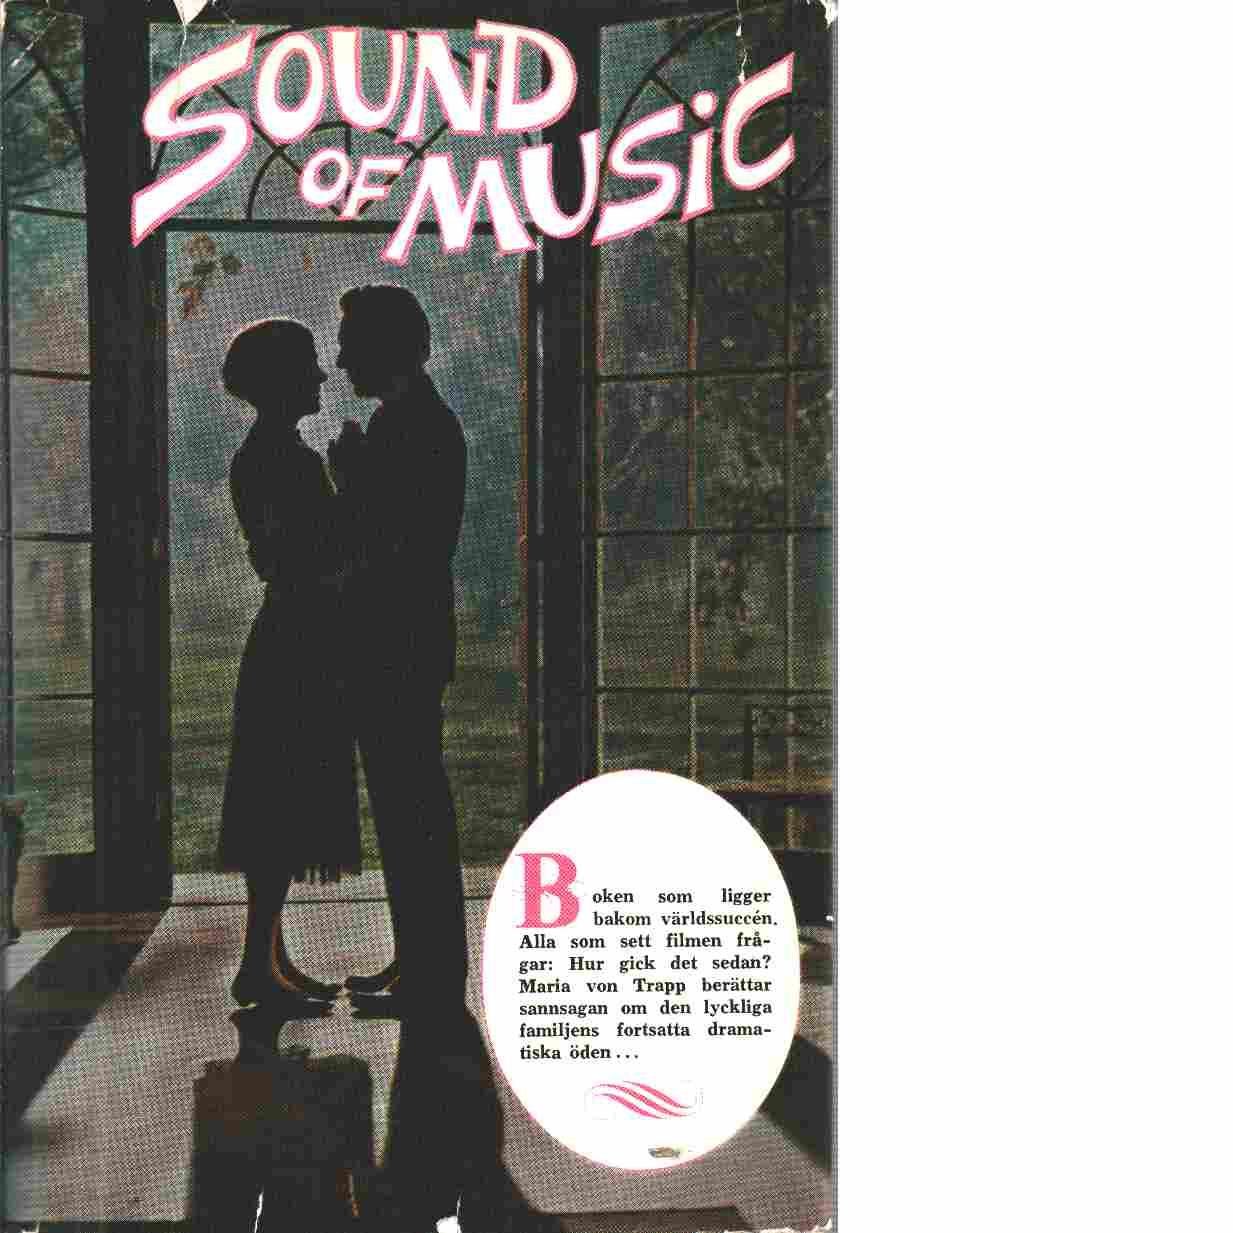 Sound of music - Trapp, von Maria